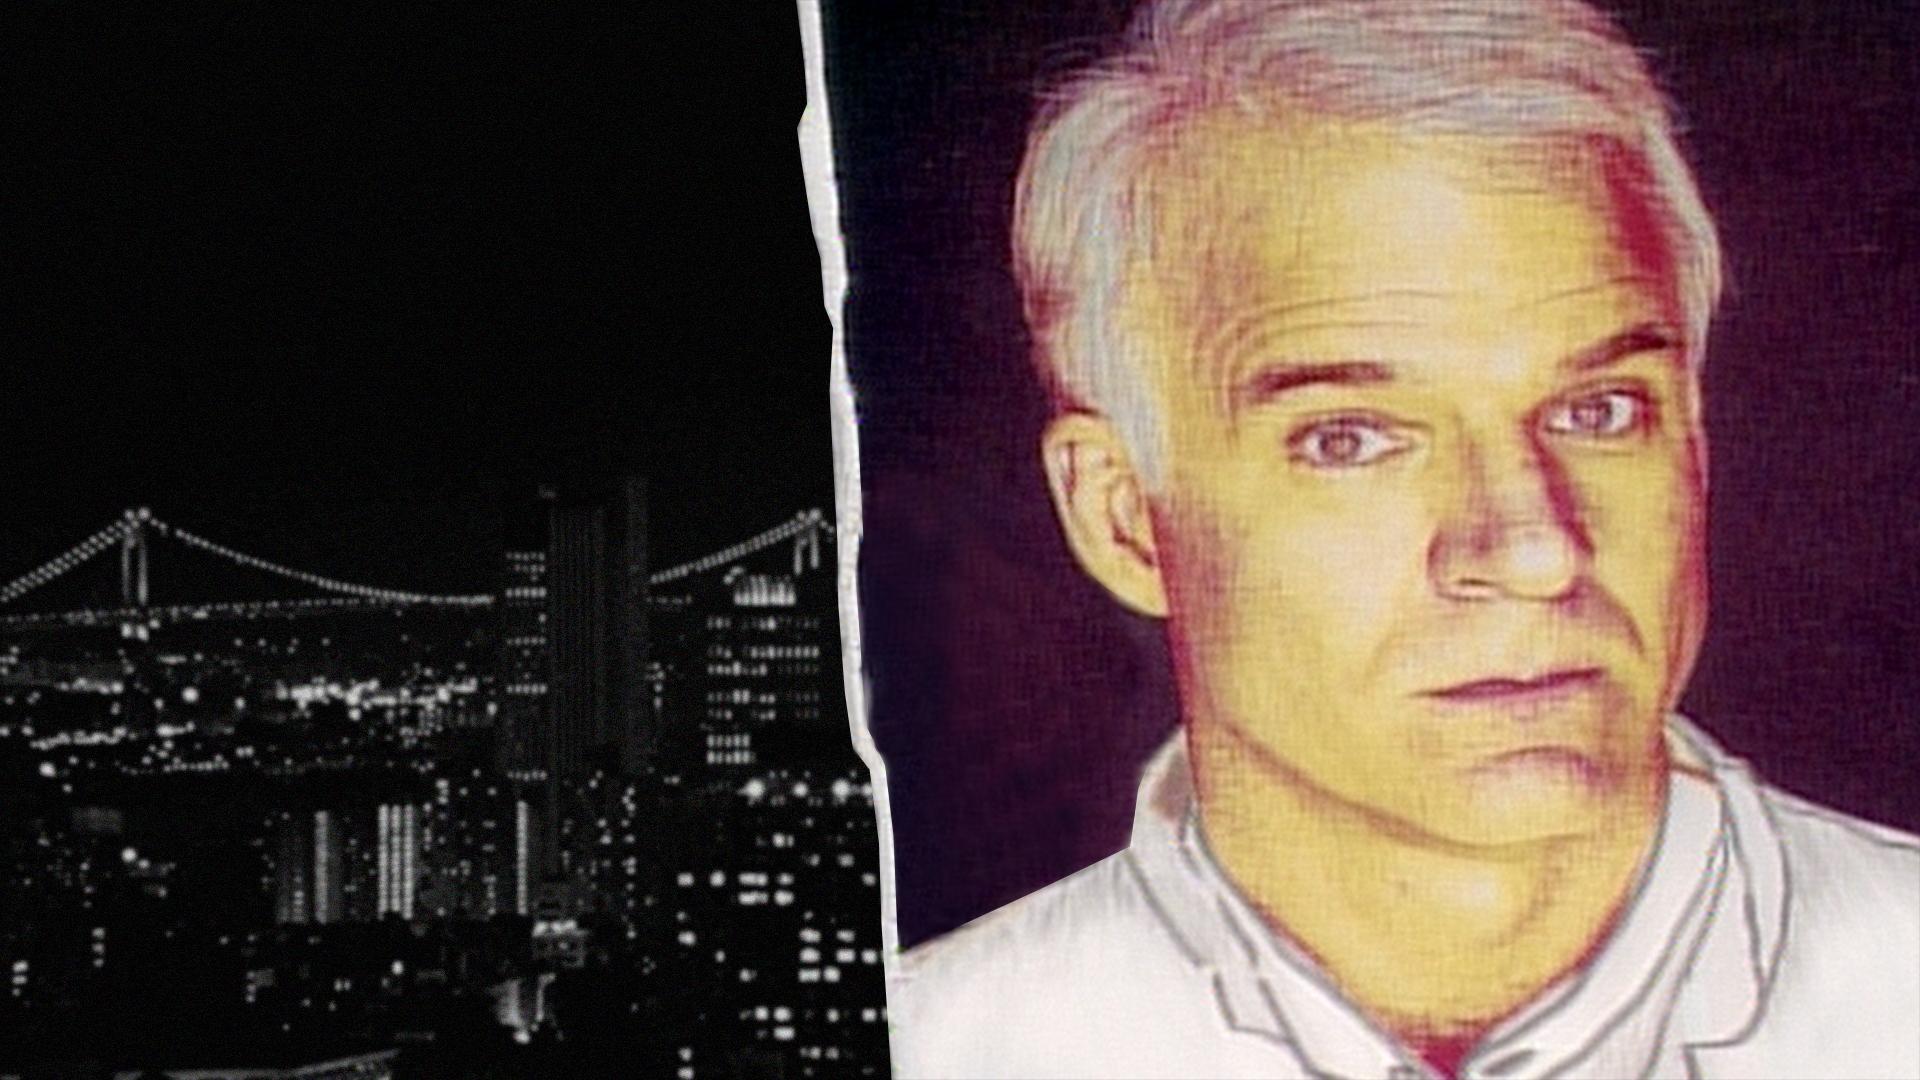 Steve Martin: September 24, 1994